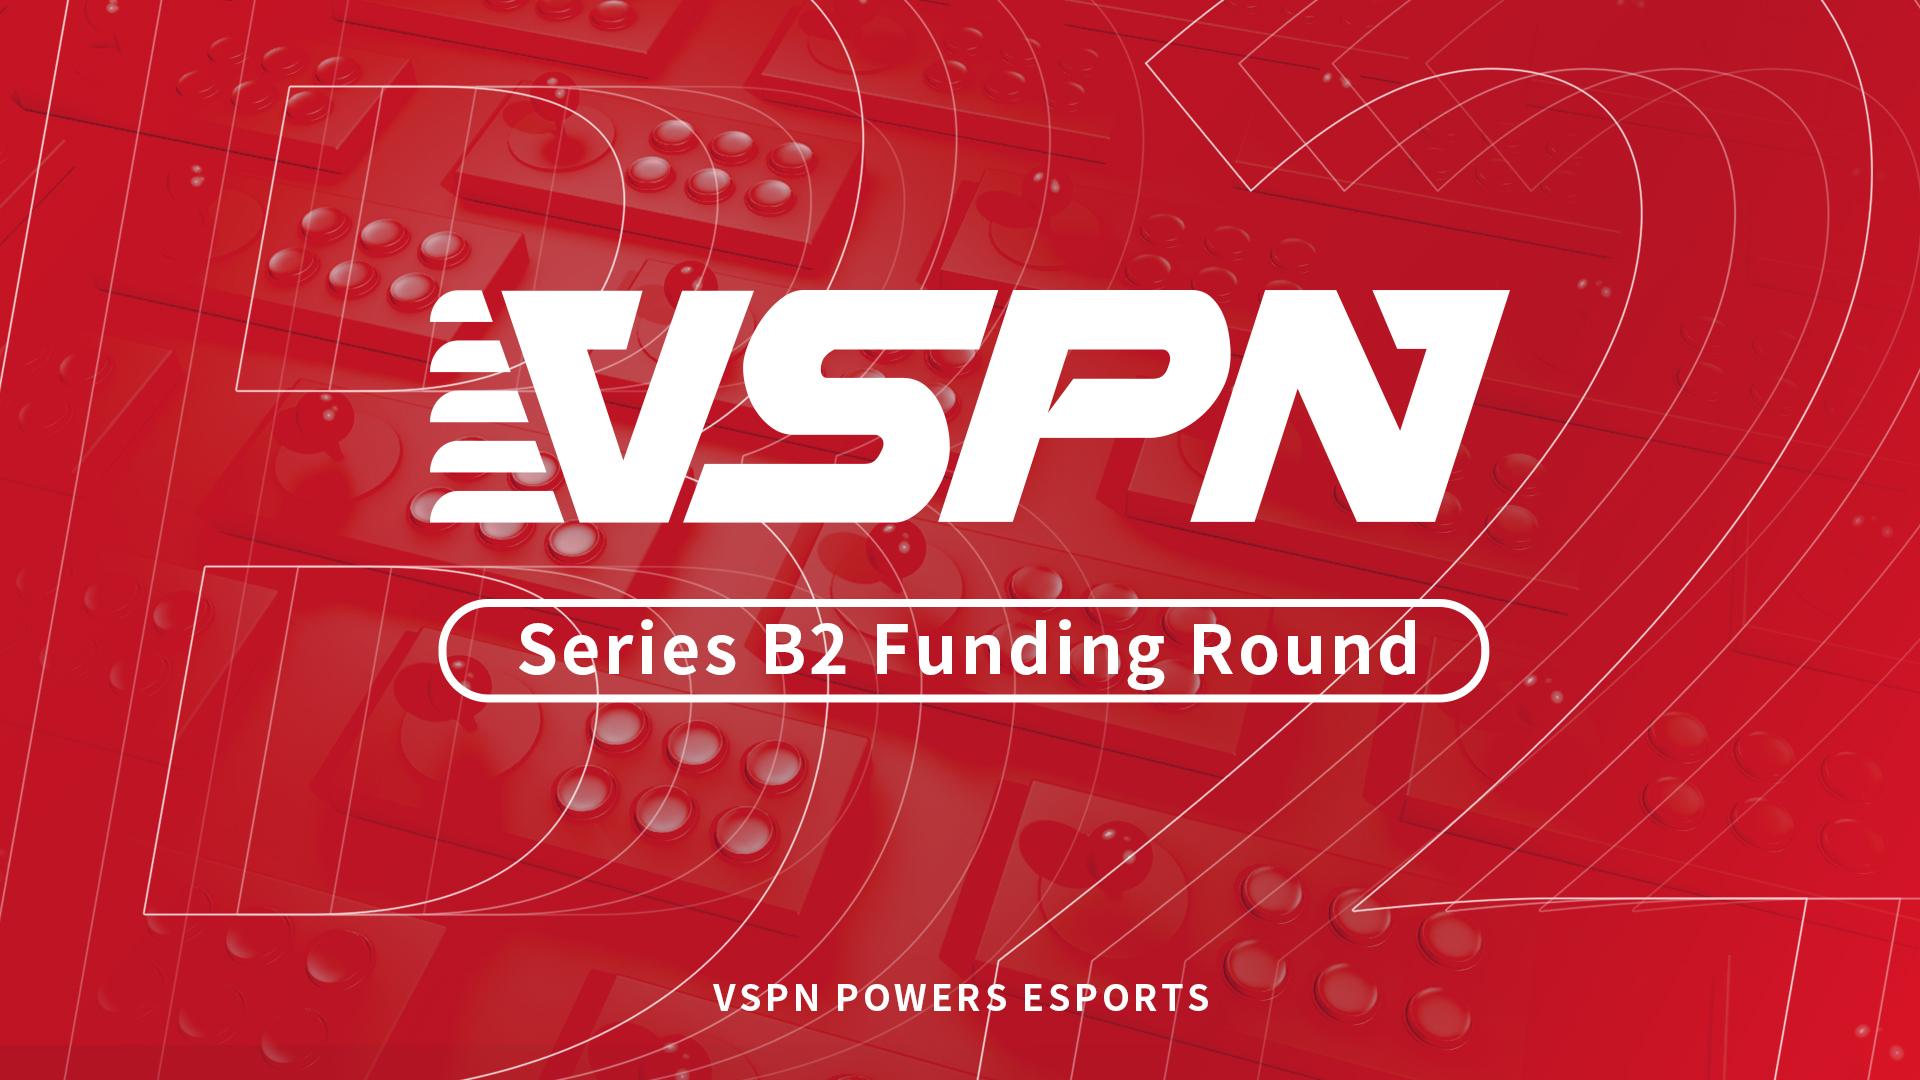 VSPN Series B2 Funding